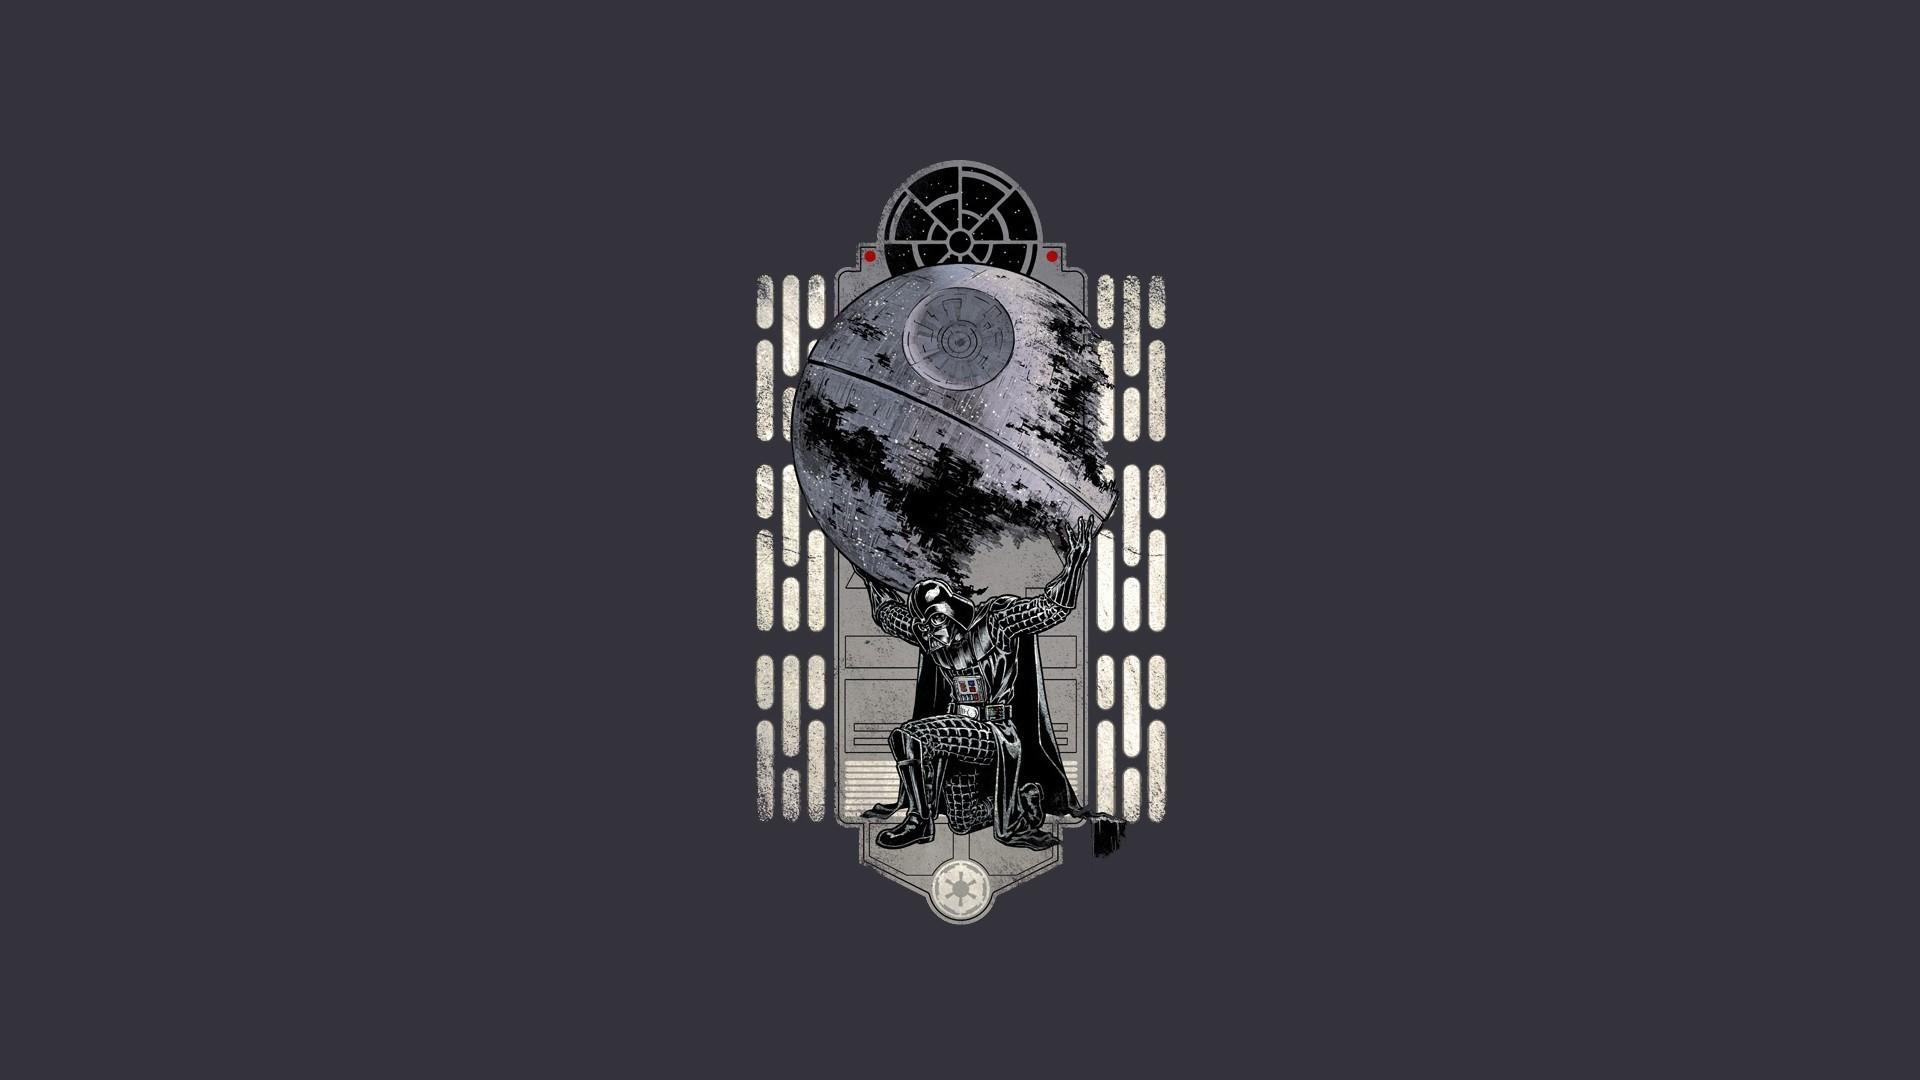 death star minimalistic artwork star wars wallpaper